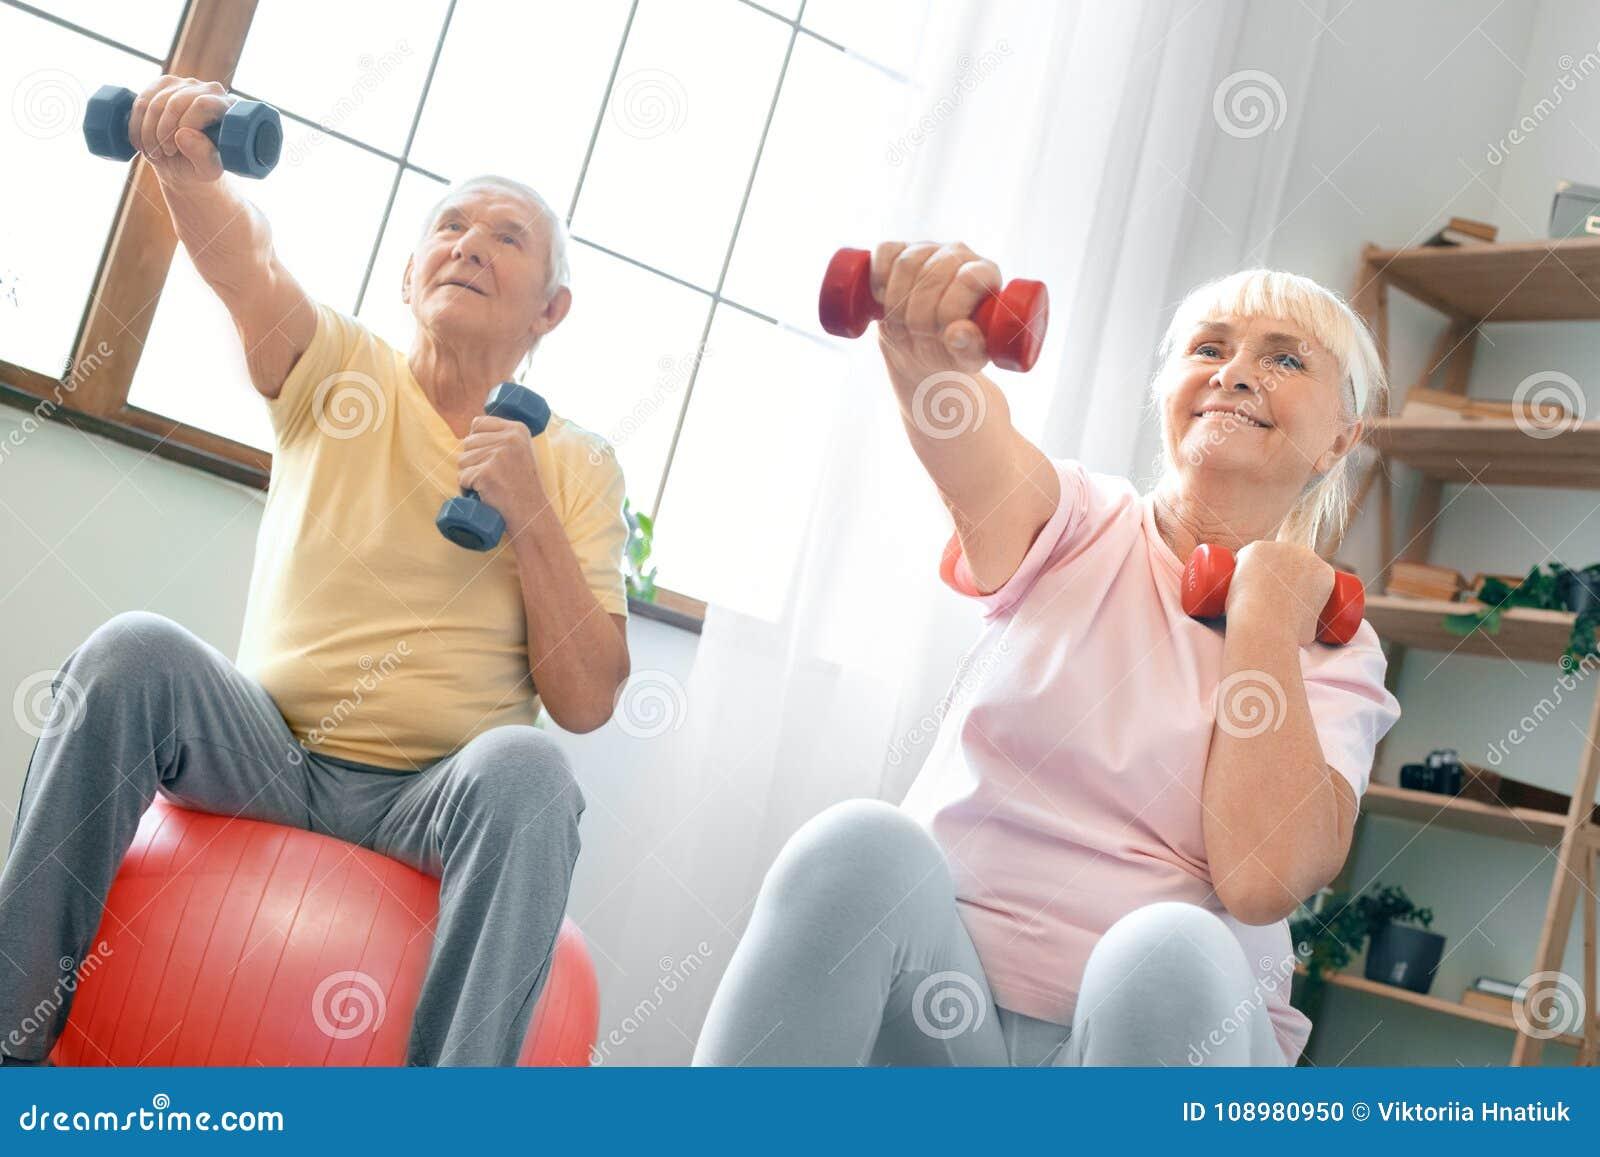 Los pares mayores ejercitan juntos en casa haciendo aeróbicos con los dubbells en frente